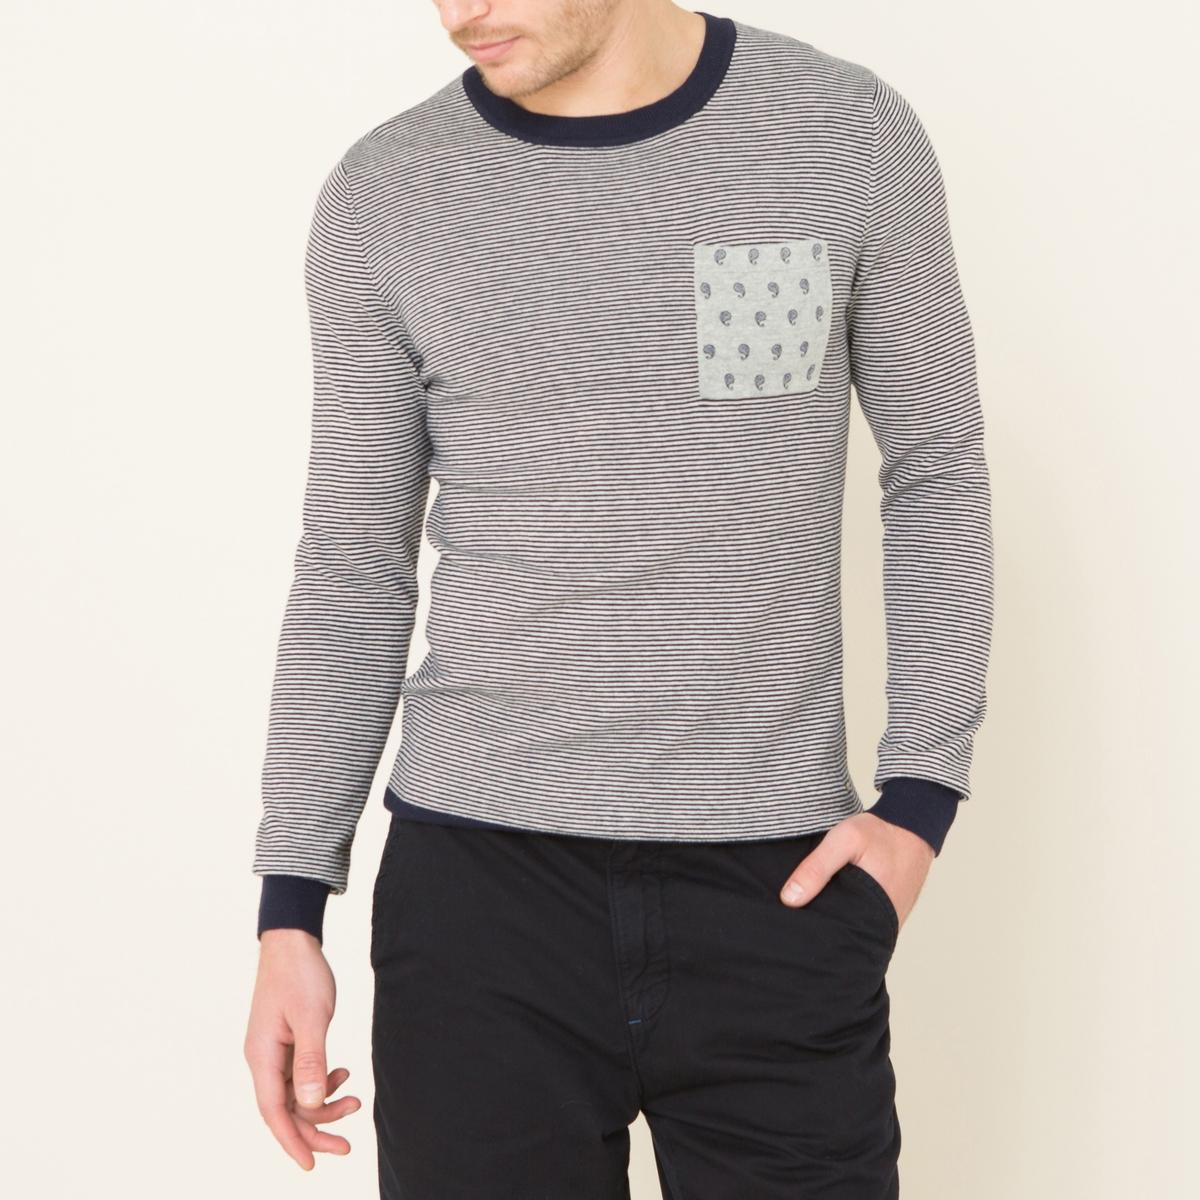 Пуловер в тонкую полоскуСостав и описание    Материал : 92% хлопка, 8% шерстиМарка : SCOTCH AND SODA<br><br>Цвет: серый